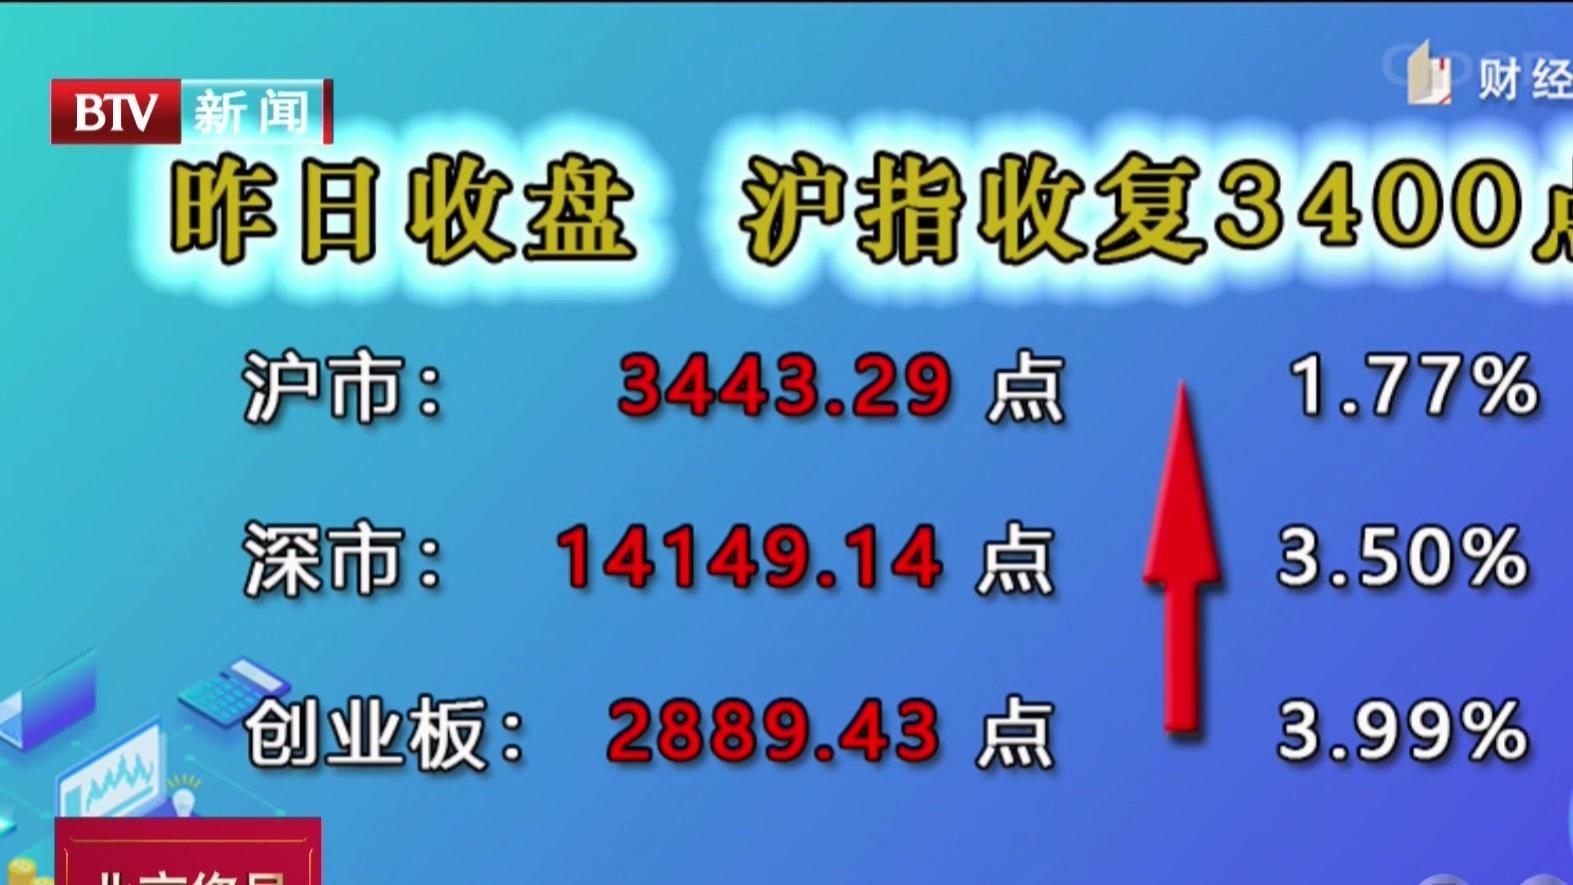 上攻势头再启:沪指收复3400点  深市更猛大涨逾3%